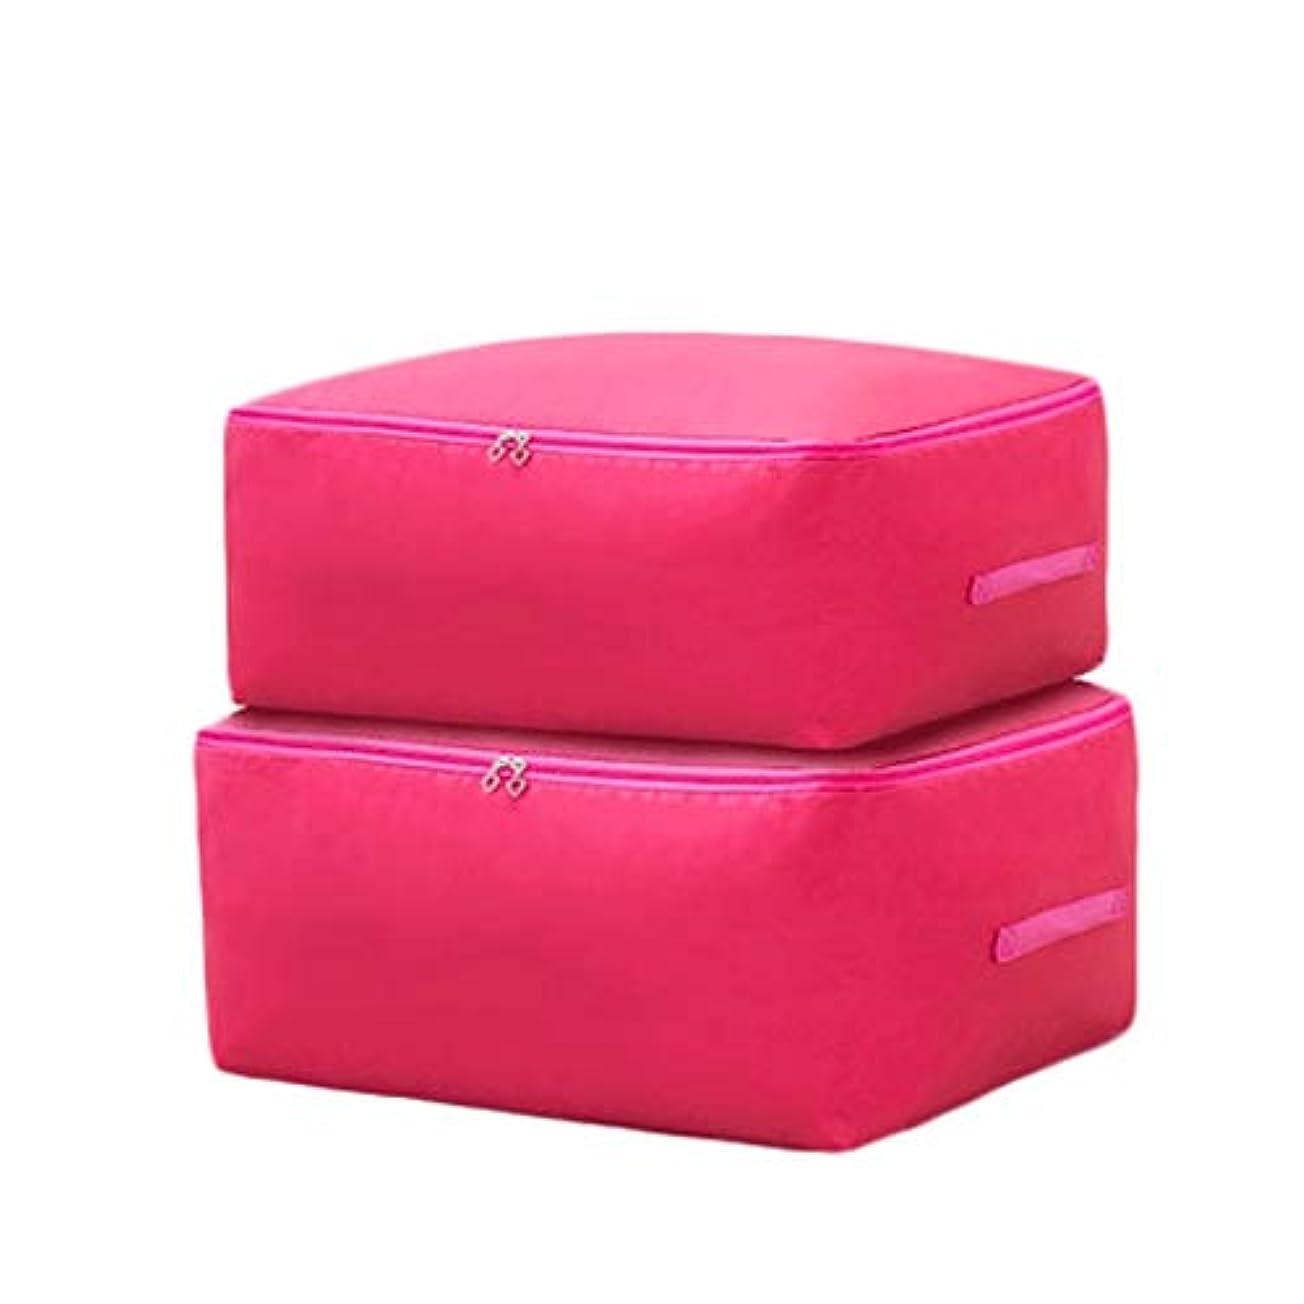 重力で出来ている特許防湿キルト収納袋衣類分類袋家庭用収納包装袋荷物パッケージ大収納袋折りたたみ収納袋 (色 : ローズレッド, サイズ さいず : XXL*2)